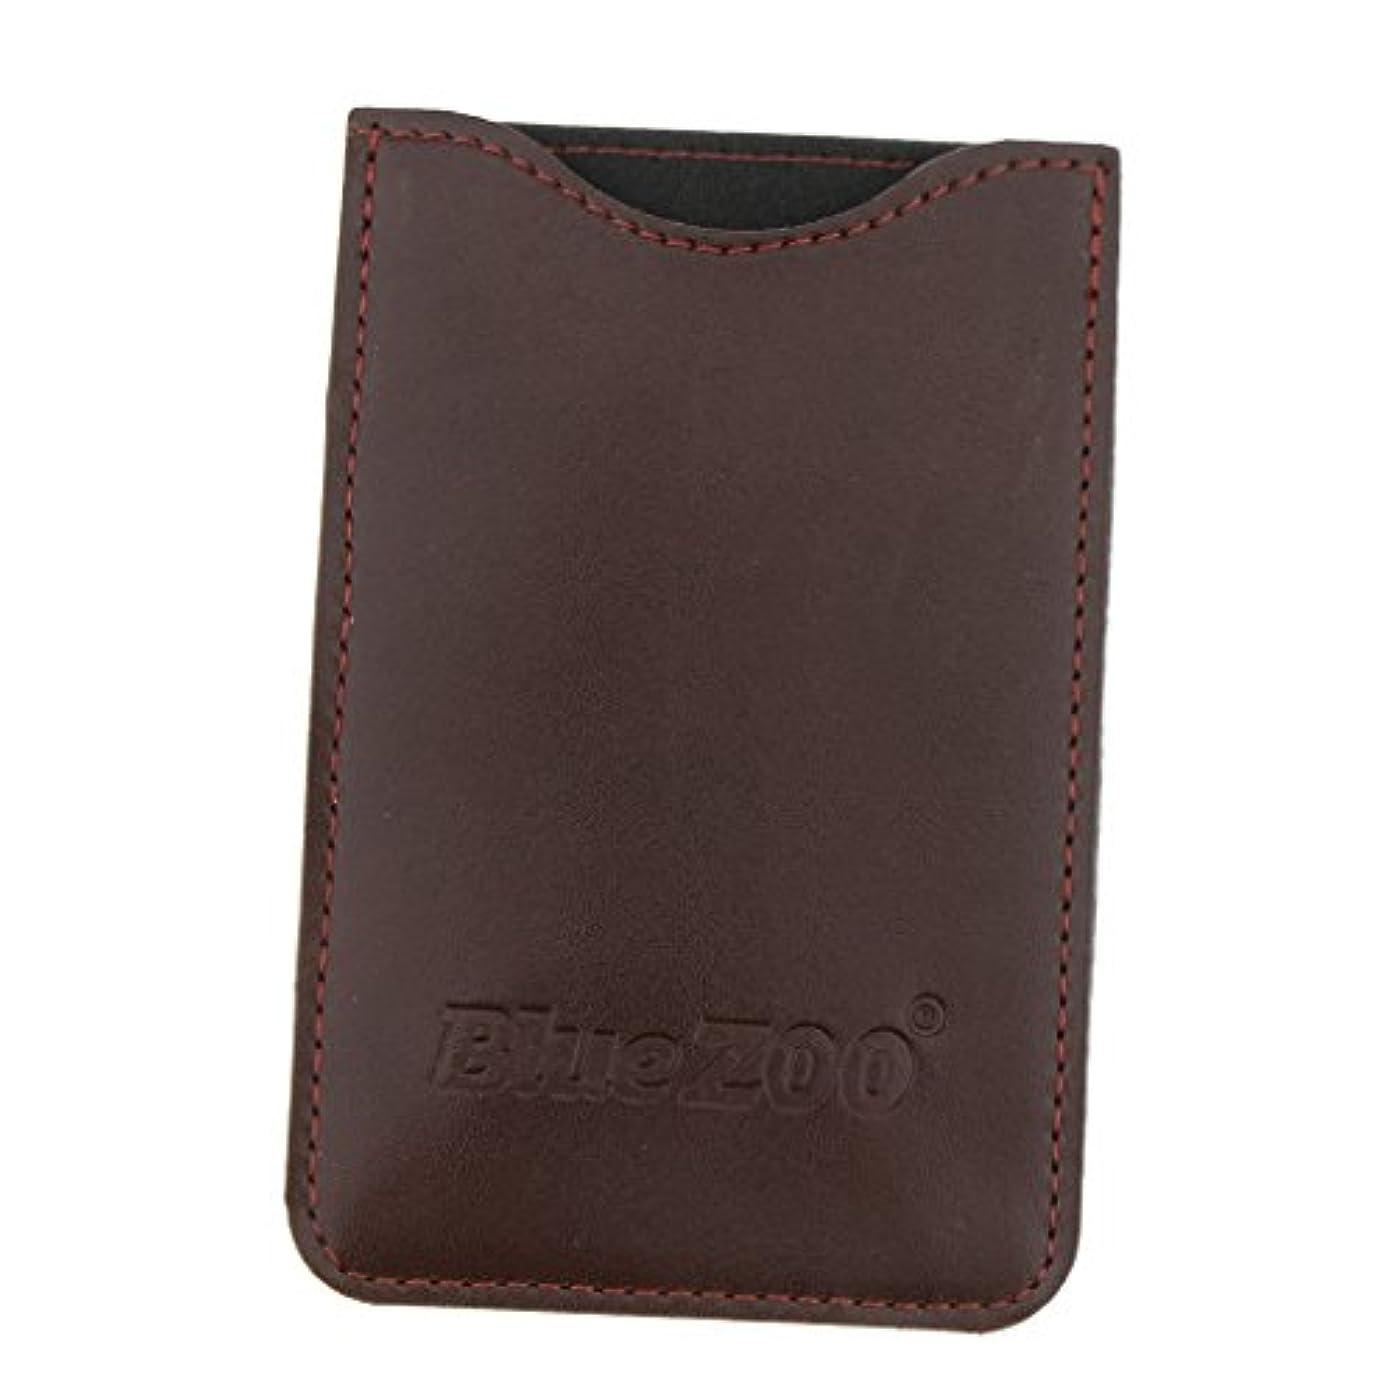 恥ずかしい存在する奇妙な収納パック 収納ケース 保護カバー 櫛/名刺/IDカード/銀行カード 旅行 便利 全2色 - 褐色